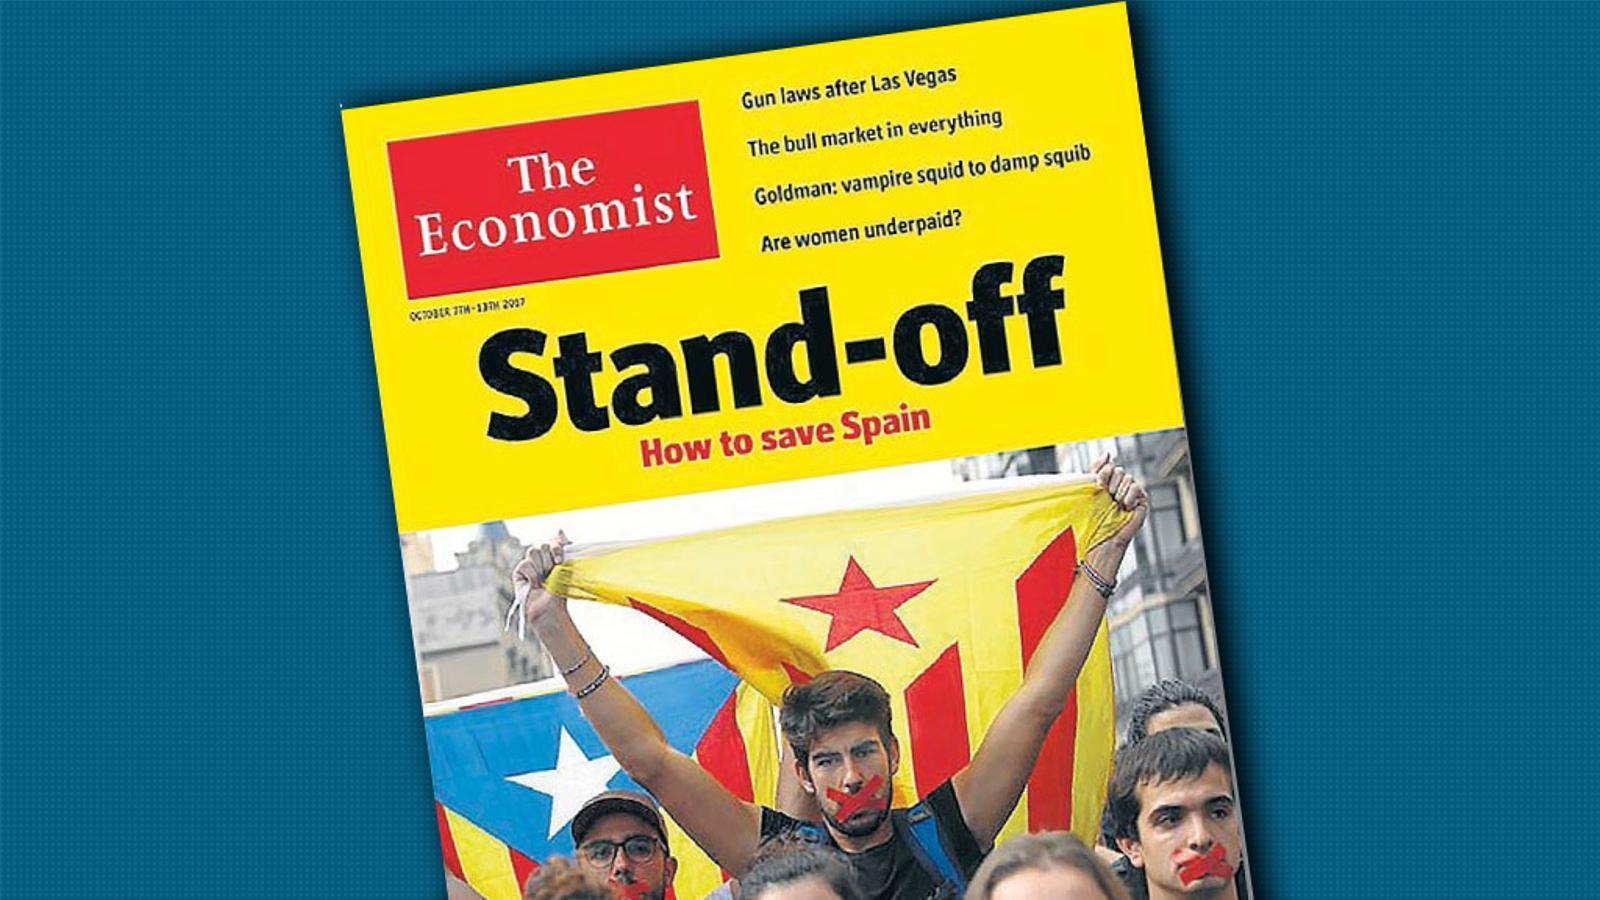 L'anàlisi d'Antoni Bassas: Fueron a buscar a los catalanes, pero como yo no era catalán...